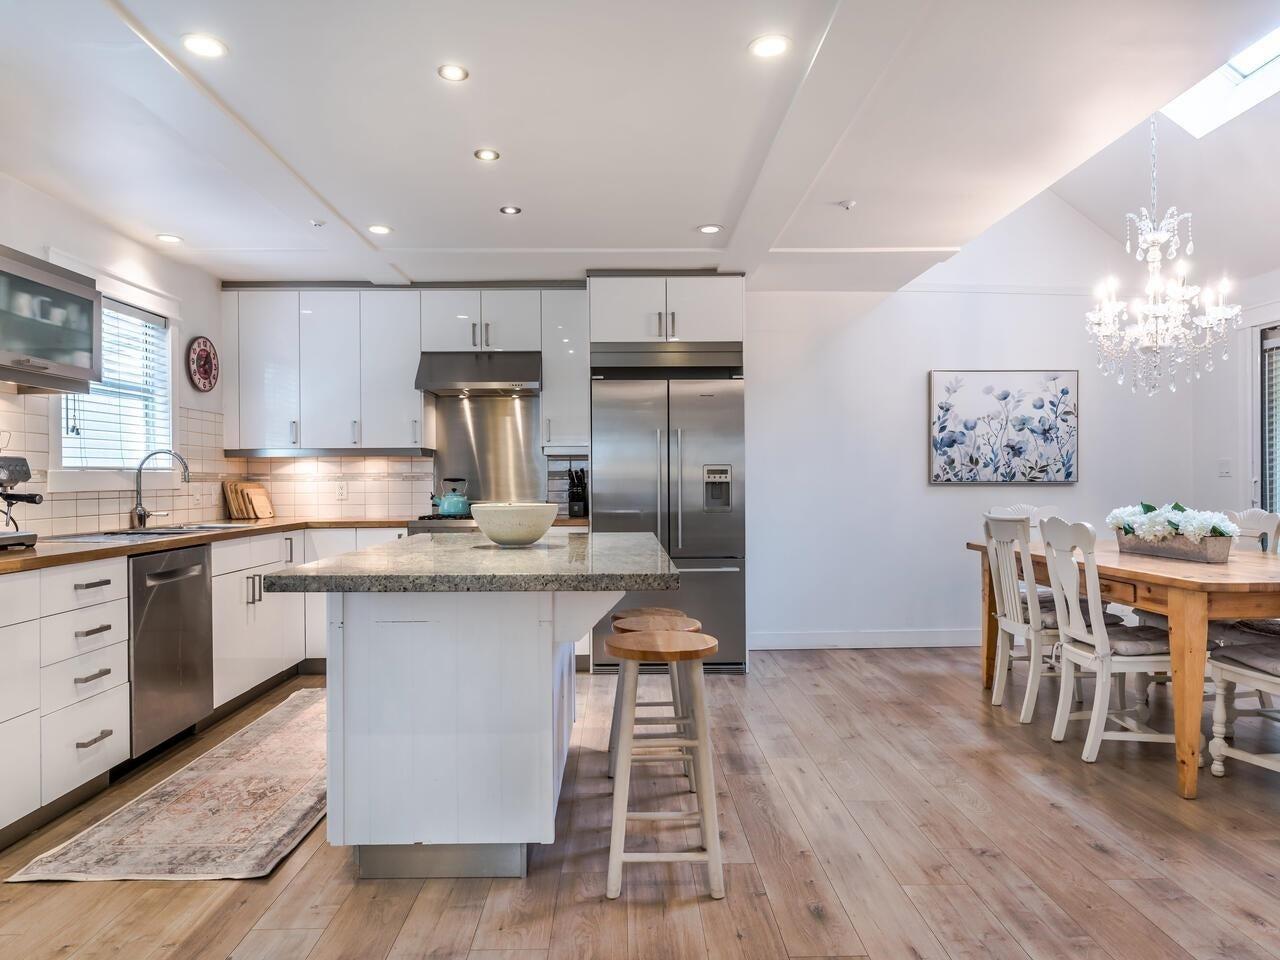 1231 E 11TH AVENUE - Mount Pleasant VE 1/2 Duplex for sale, 3 Bedrooms (R2625828) - #20